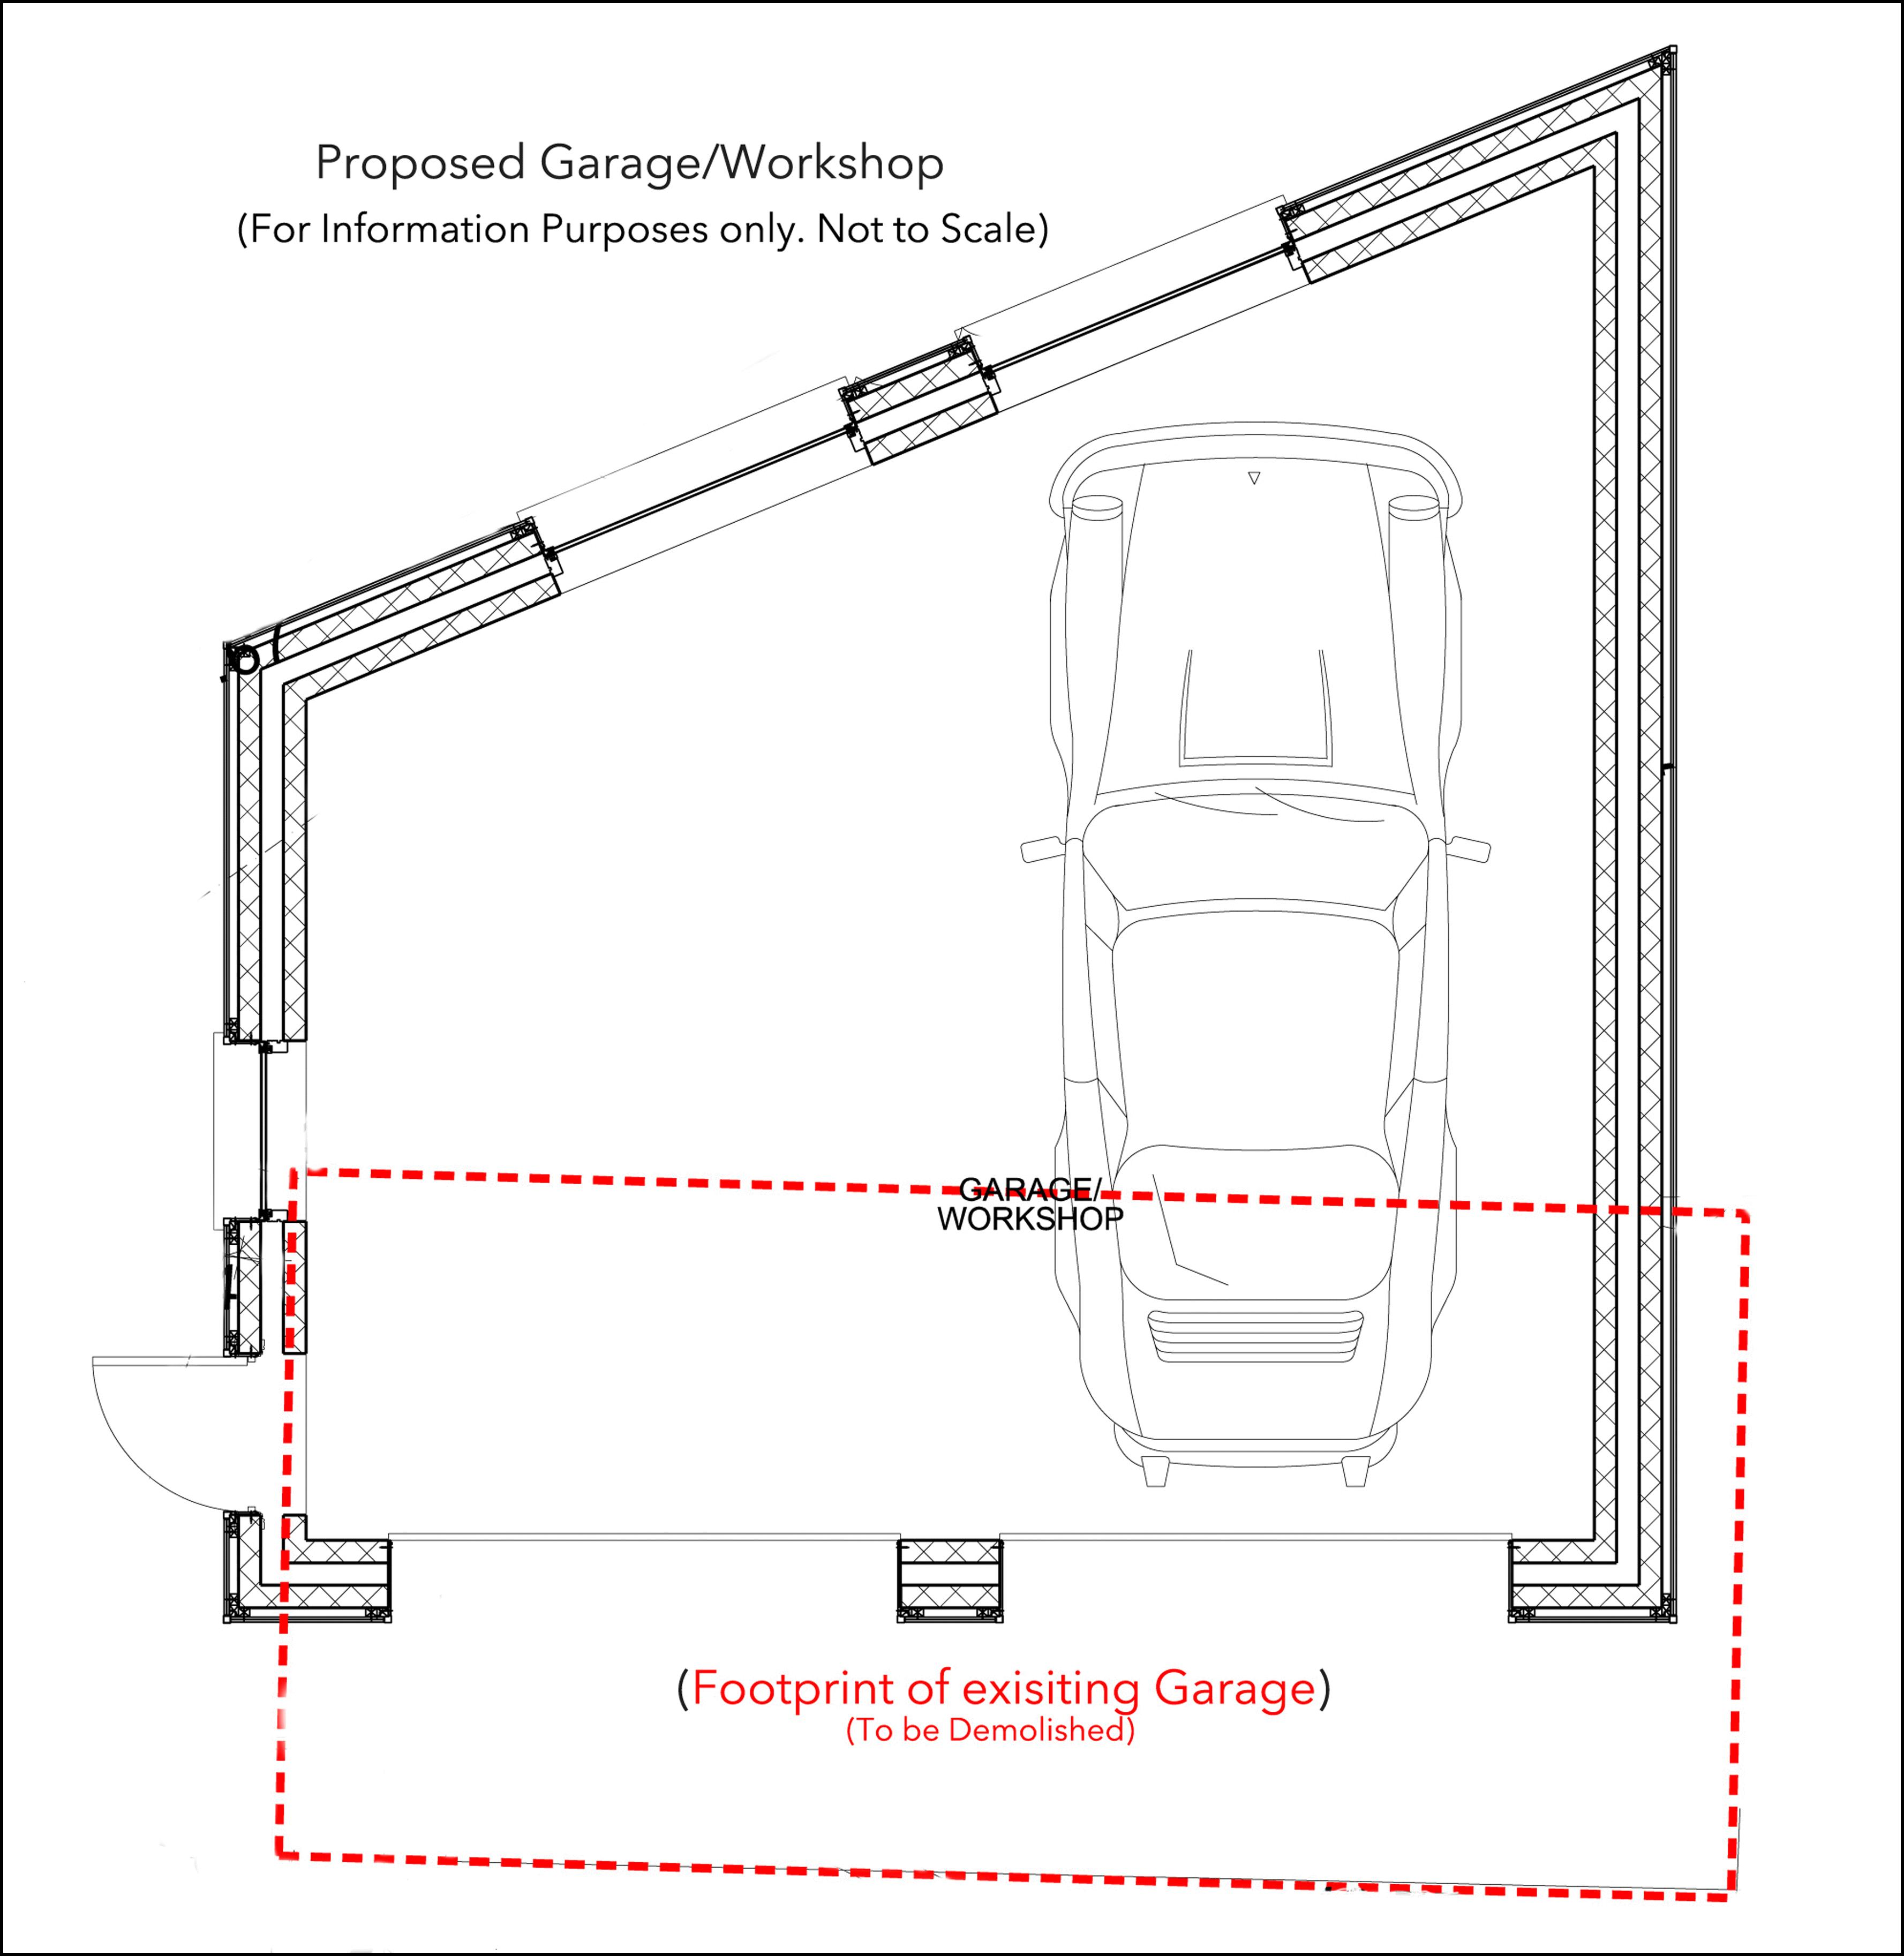 Proposed Garage/Workshop